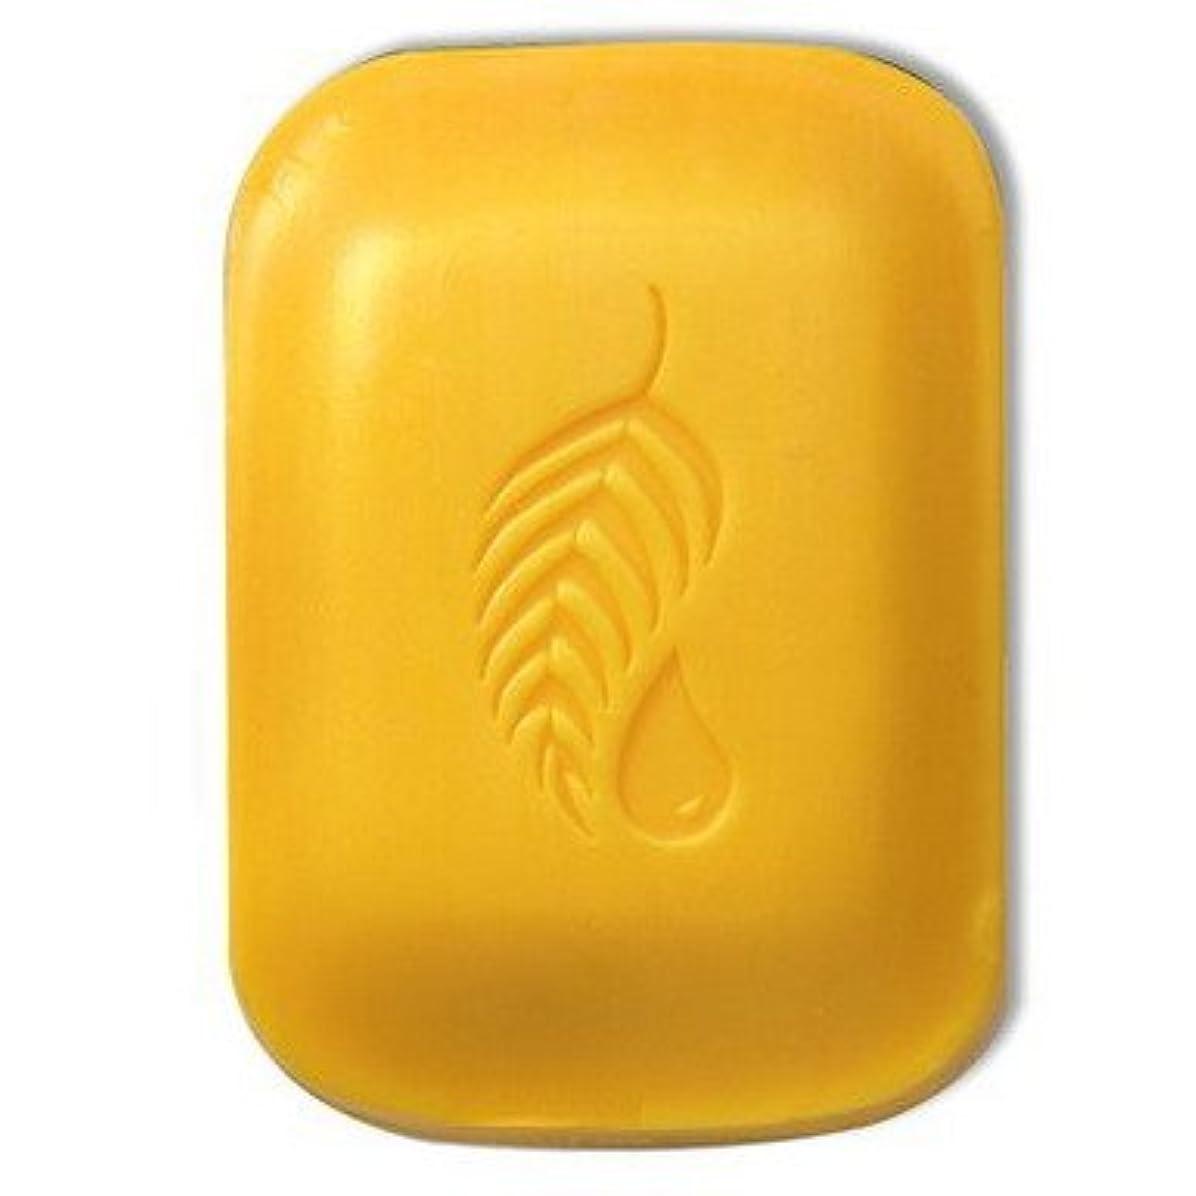 空中透過性税金【Melaleuca(メラルーカ)】ゴールド バー トライアルサイズ42.5g [並行輸入品]